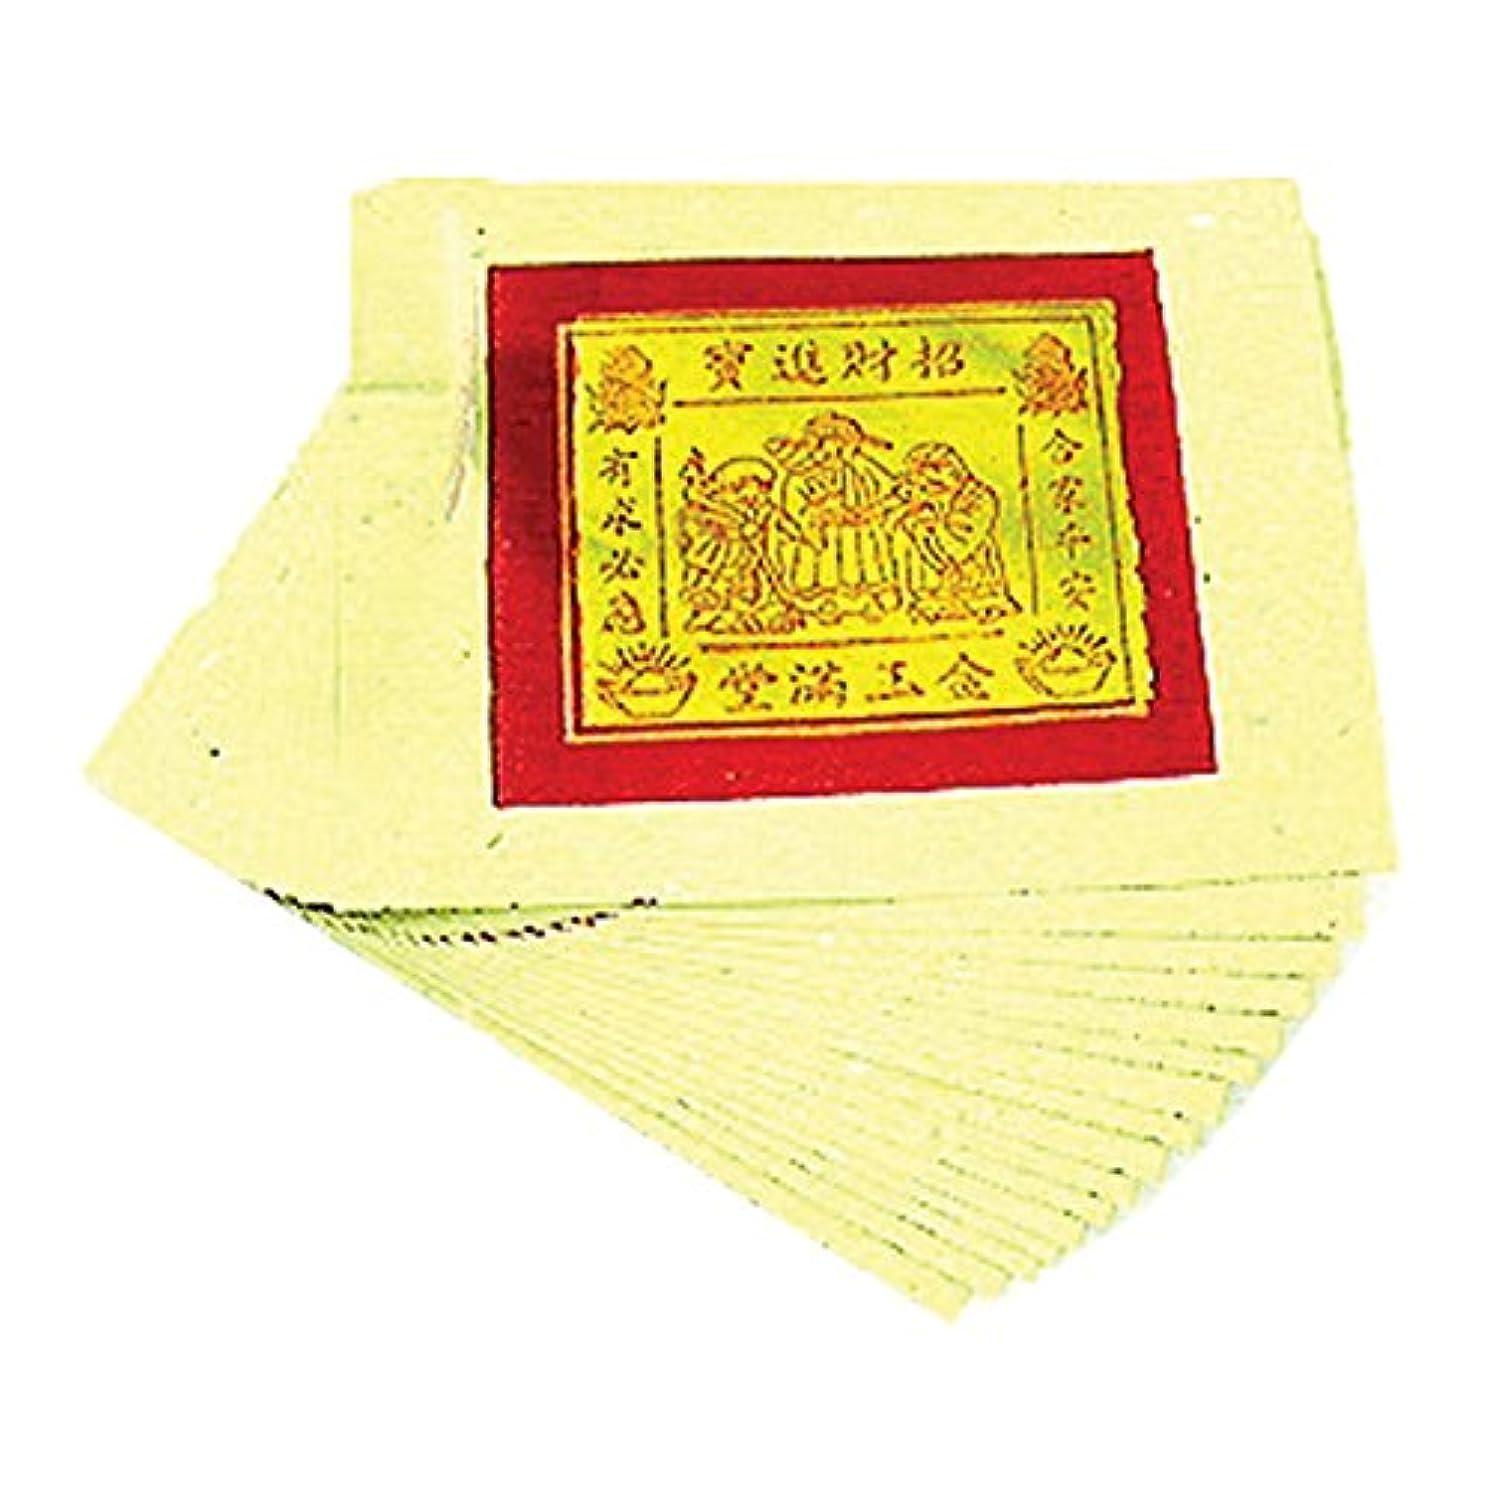 コーラス地元災難100個Incense用紙/ Joss用紙withゴールド箔Sサイズ6.5インチx 4.8インチ